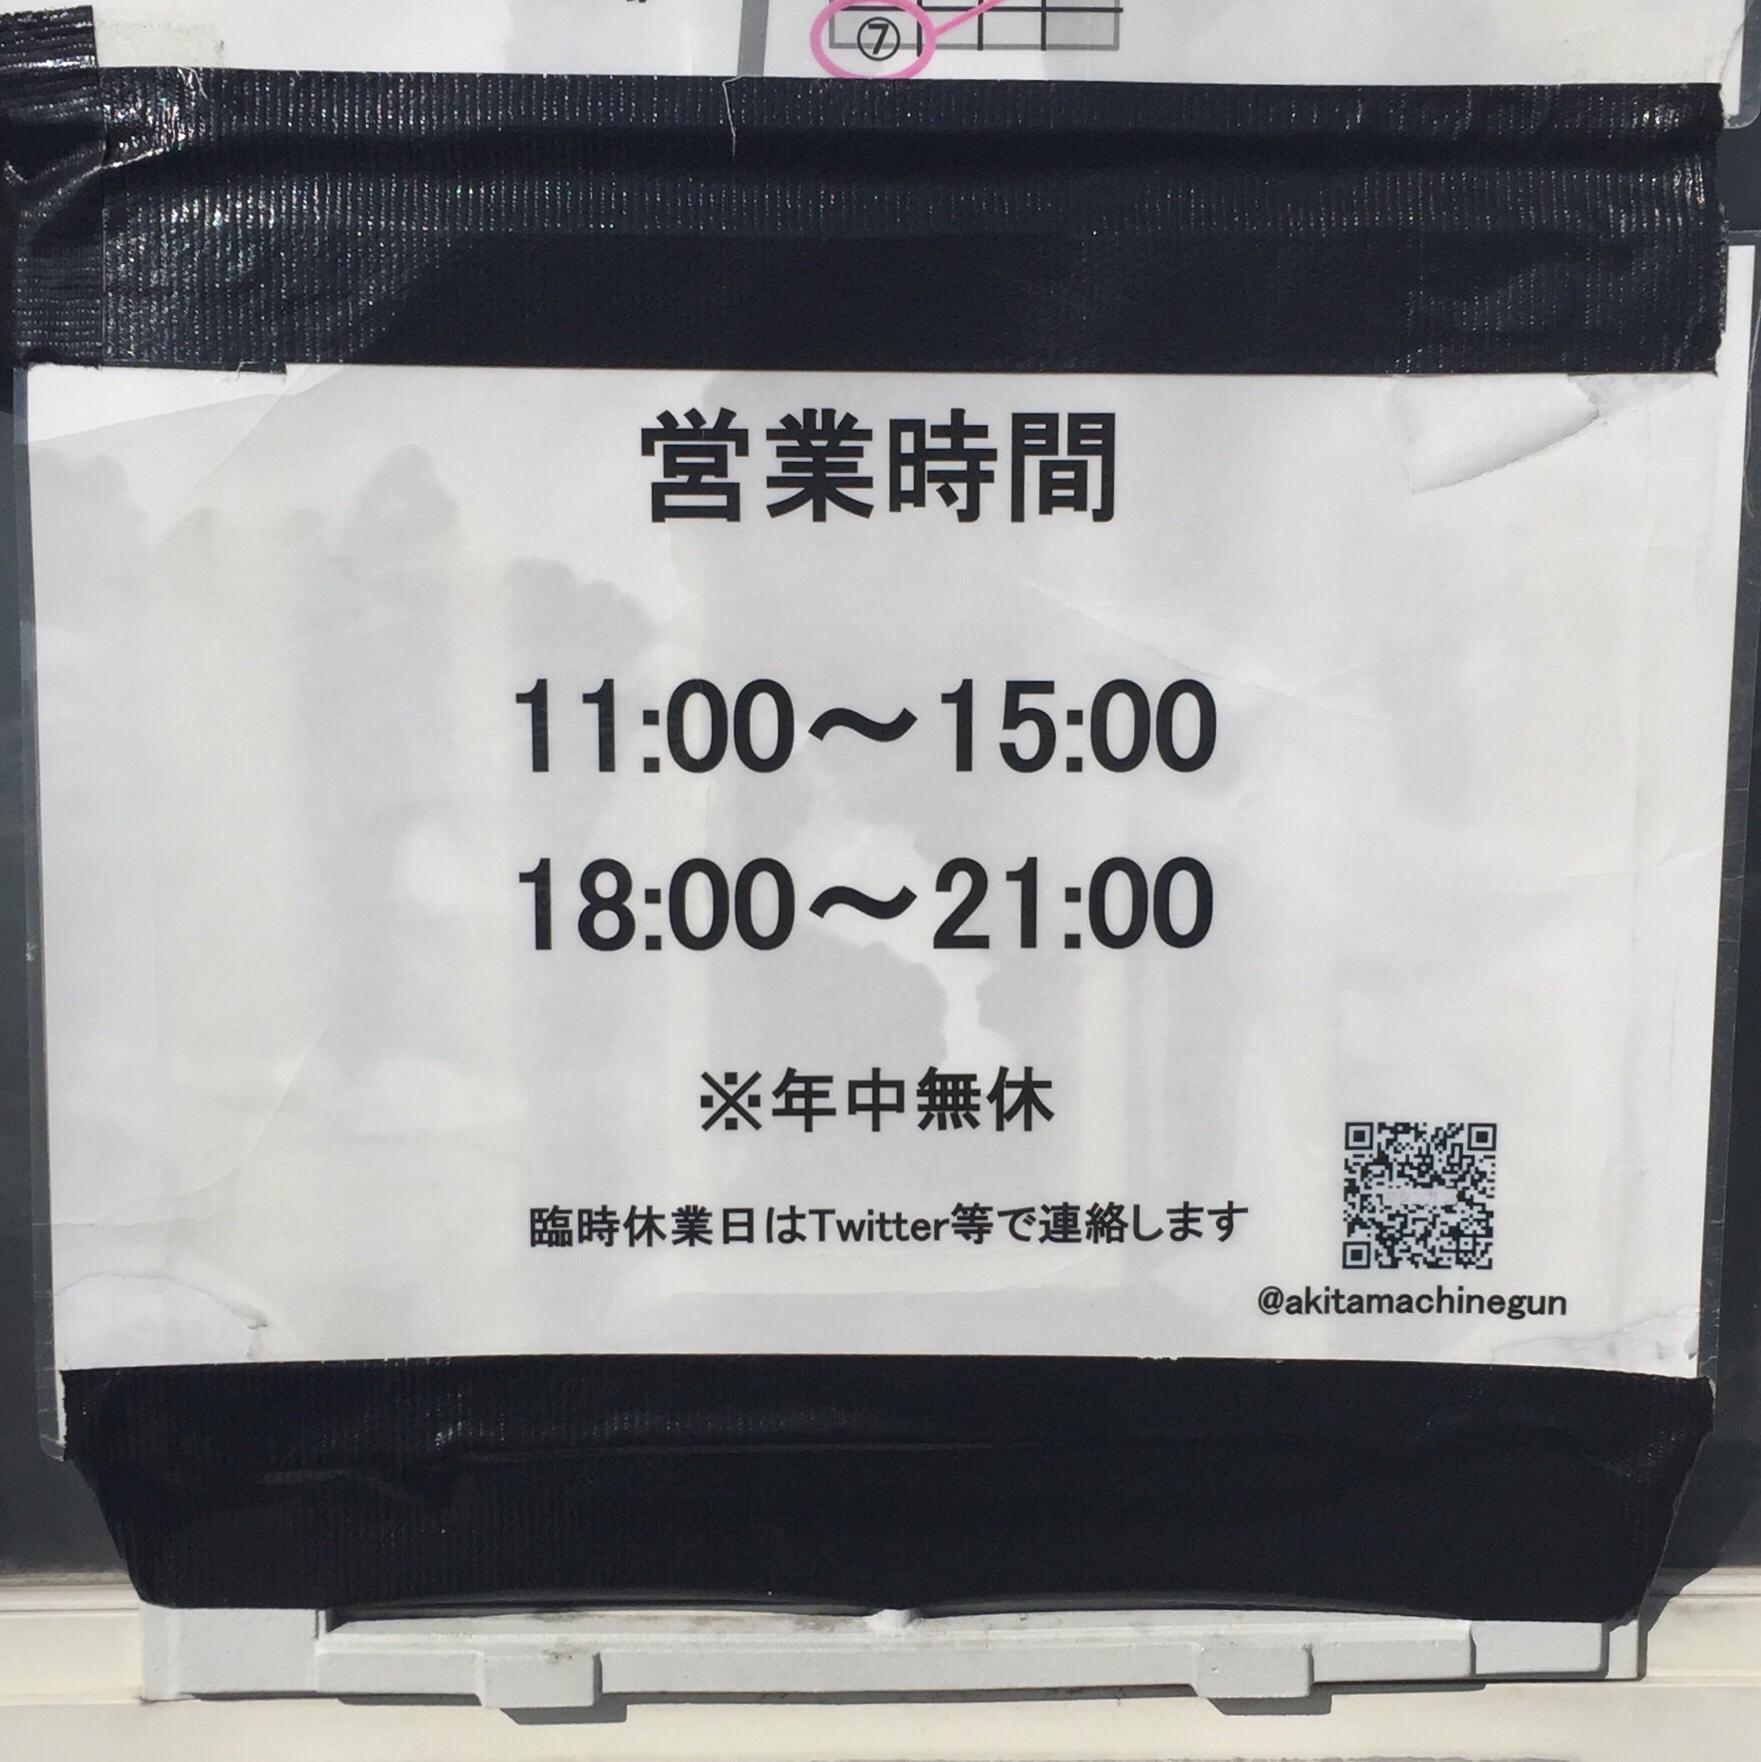 ラーメン マシンガン 営業時間 営業案内 定休日